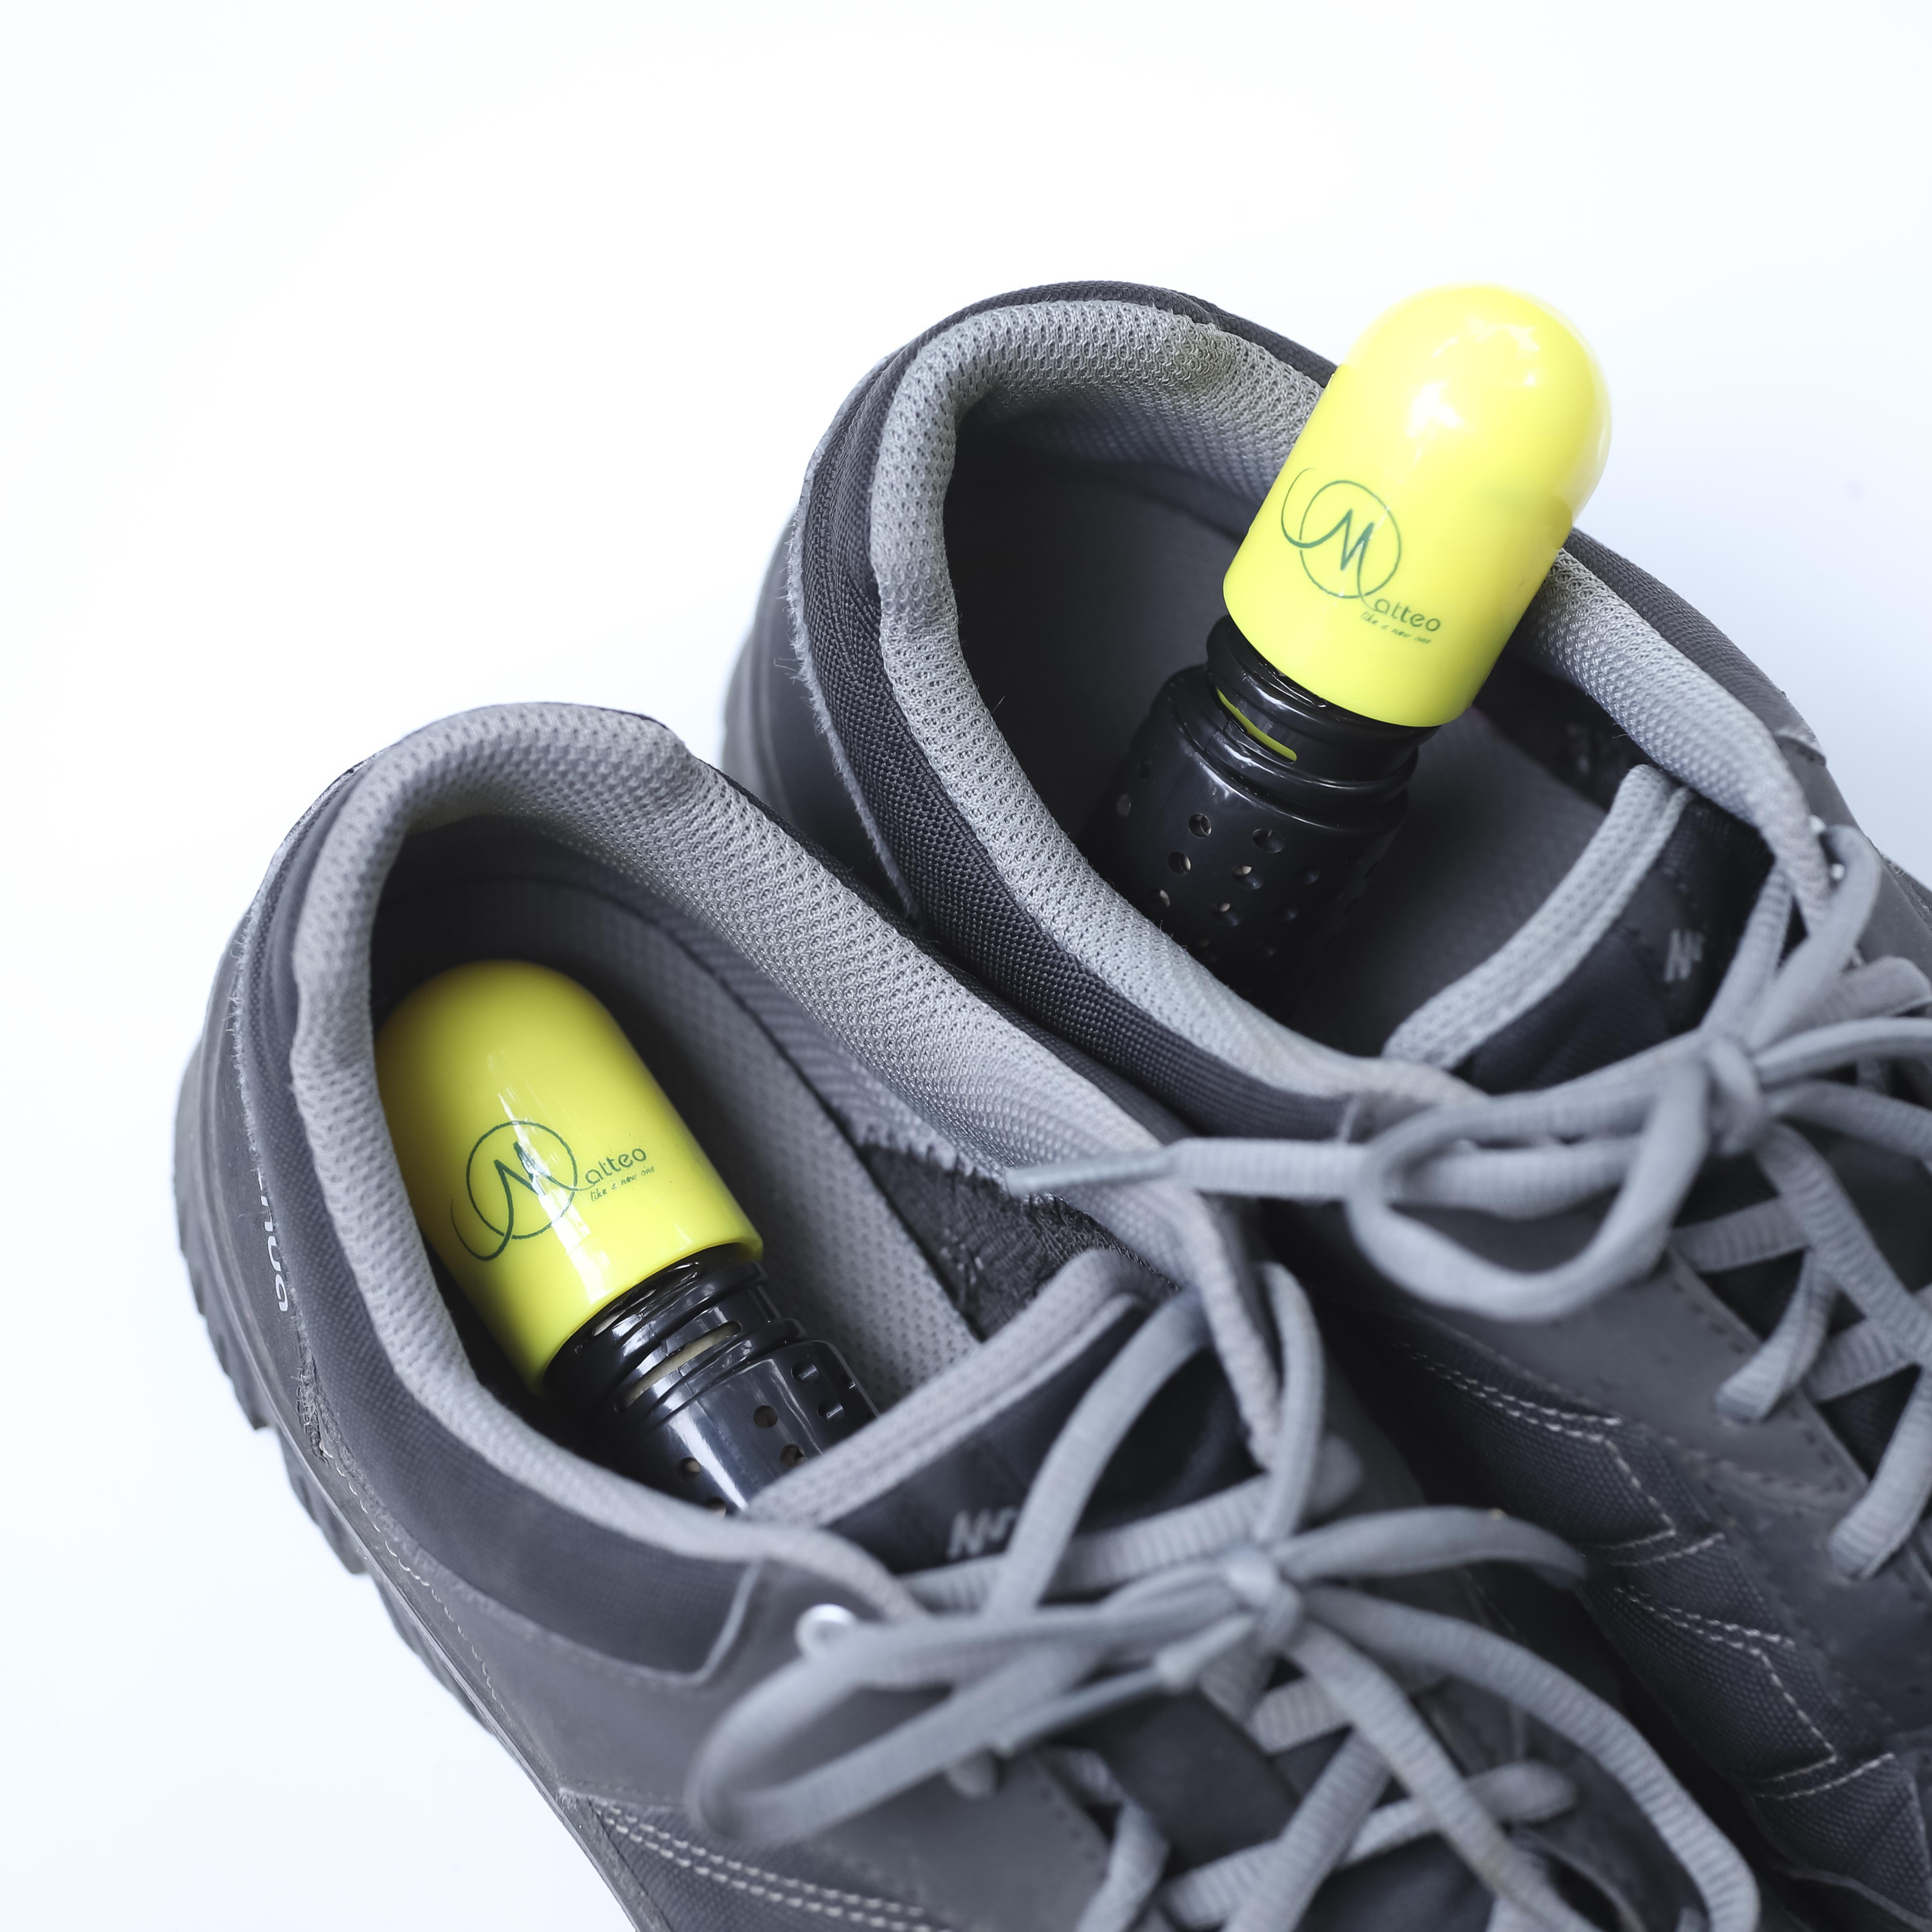 Cặp viên khử mùi và hút ẩm giày dép MOATTEO hữu ích